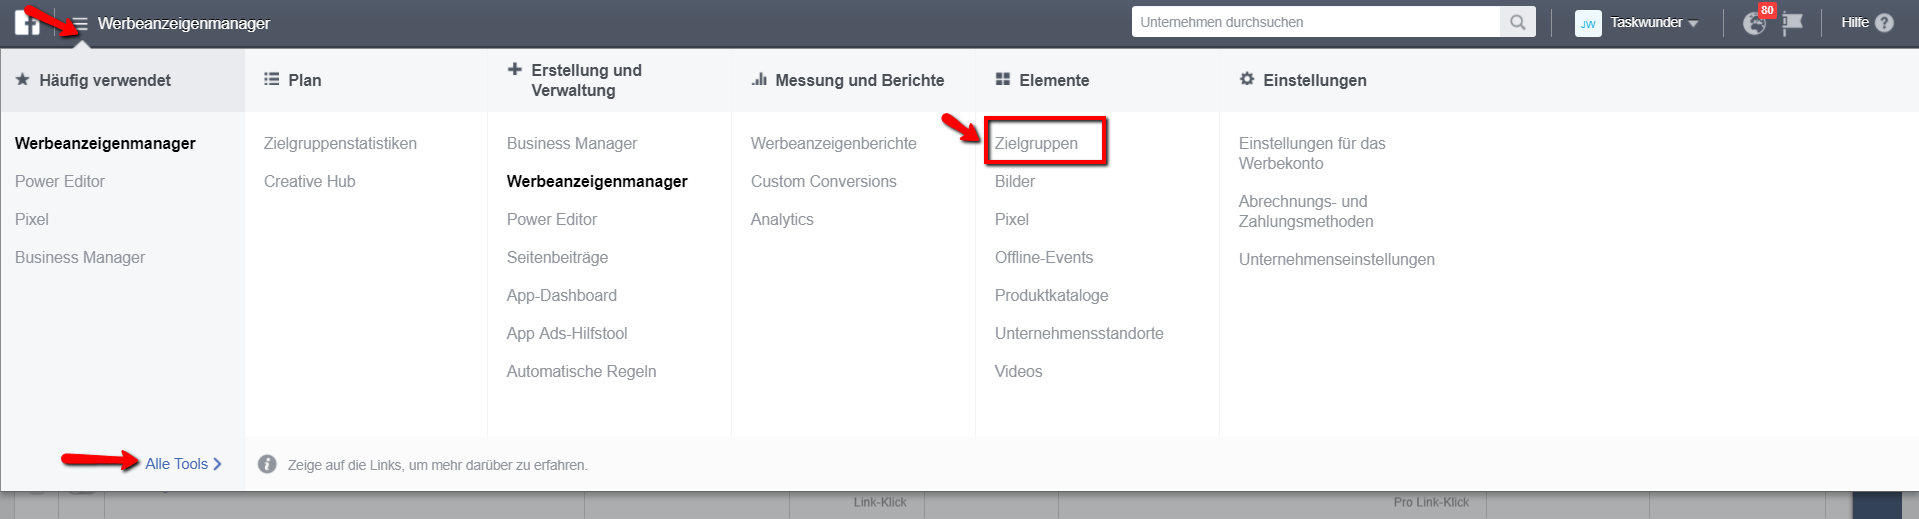 Benutzerdefinierte Zielgruppen erstellen für Facebook Remarketing